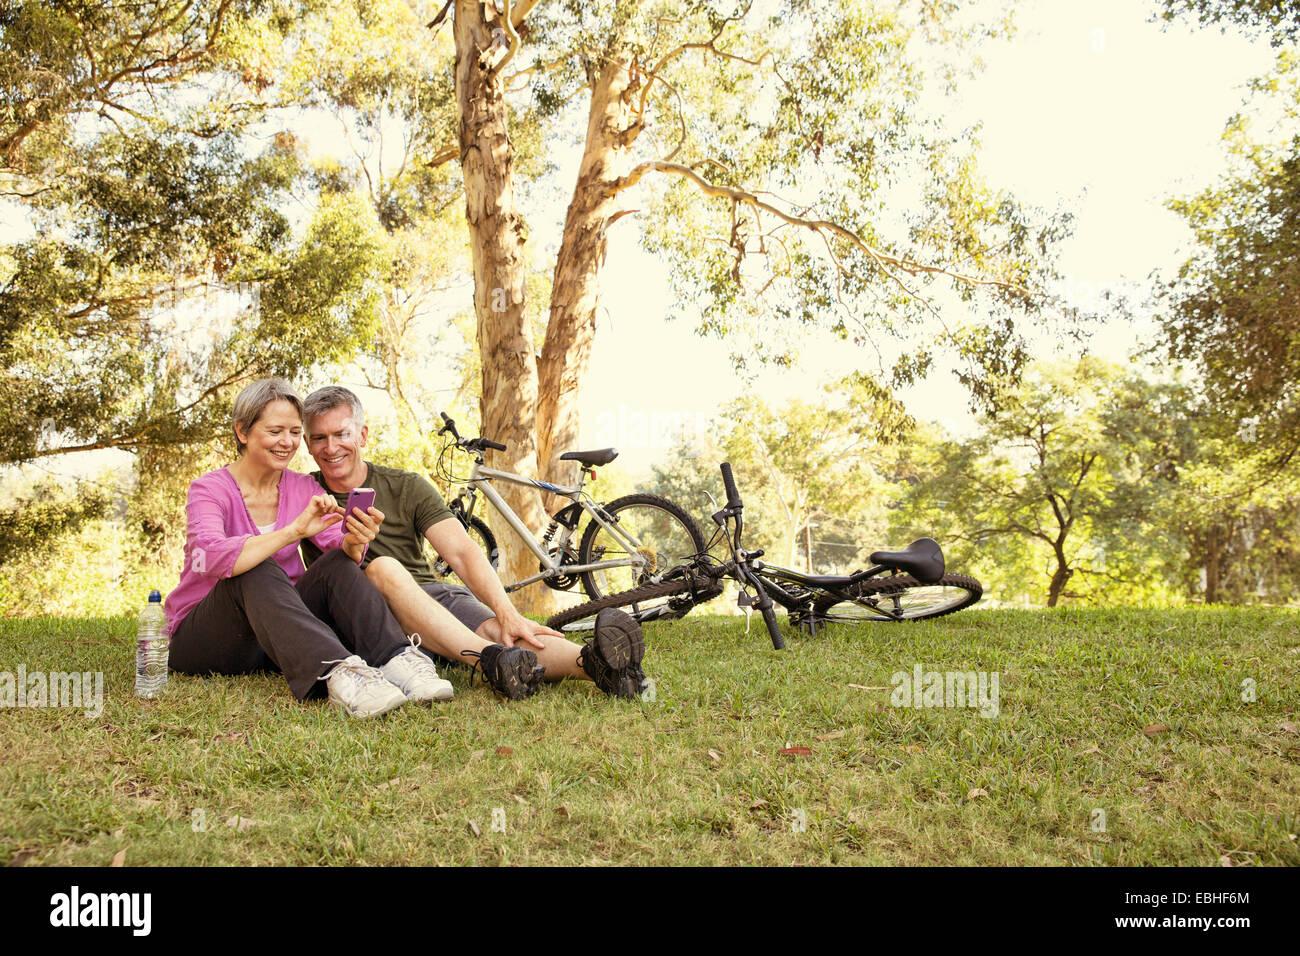 Coppia ciclismo giovane seduto in park guardando smartphone Immagini Stock